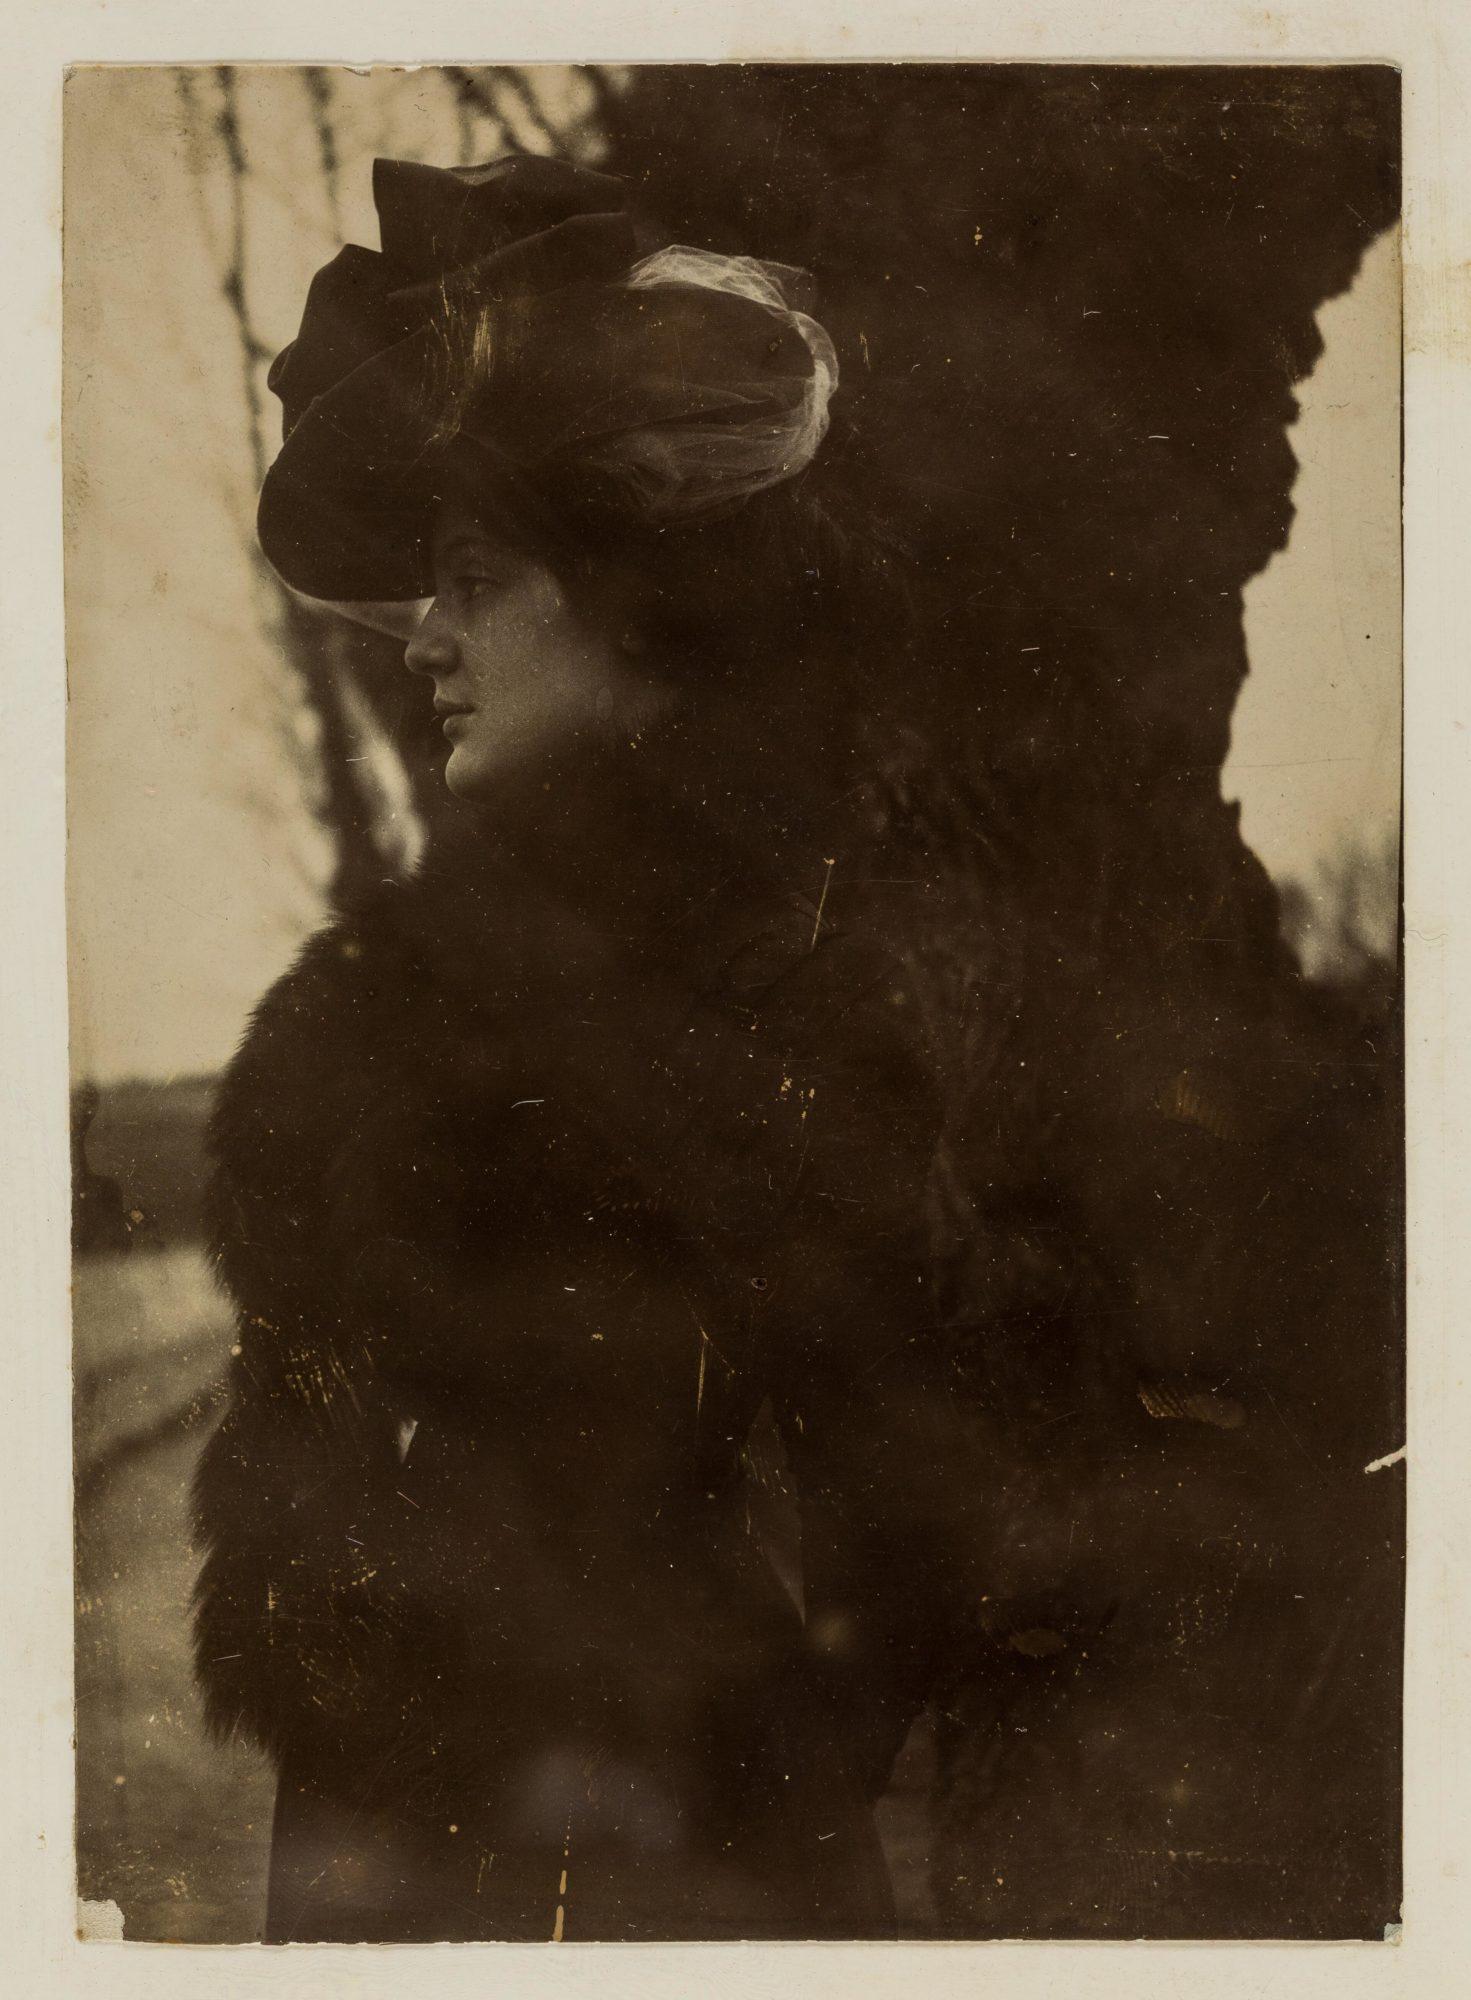 Melanie Klein 1906-1907间的模样